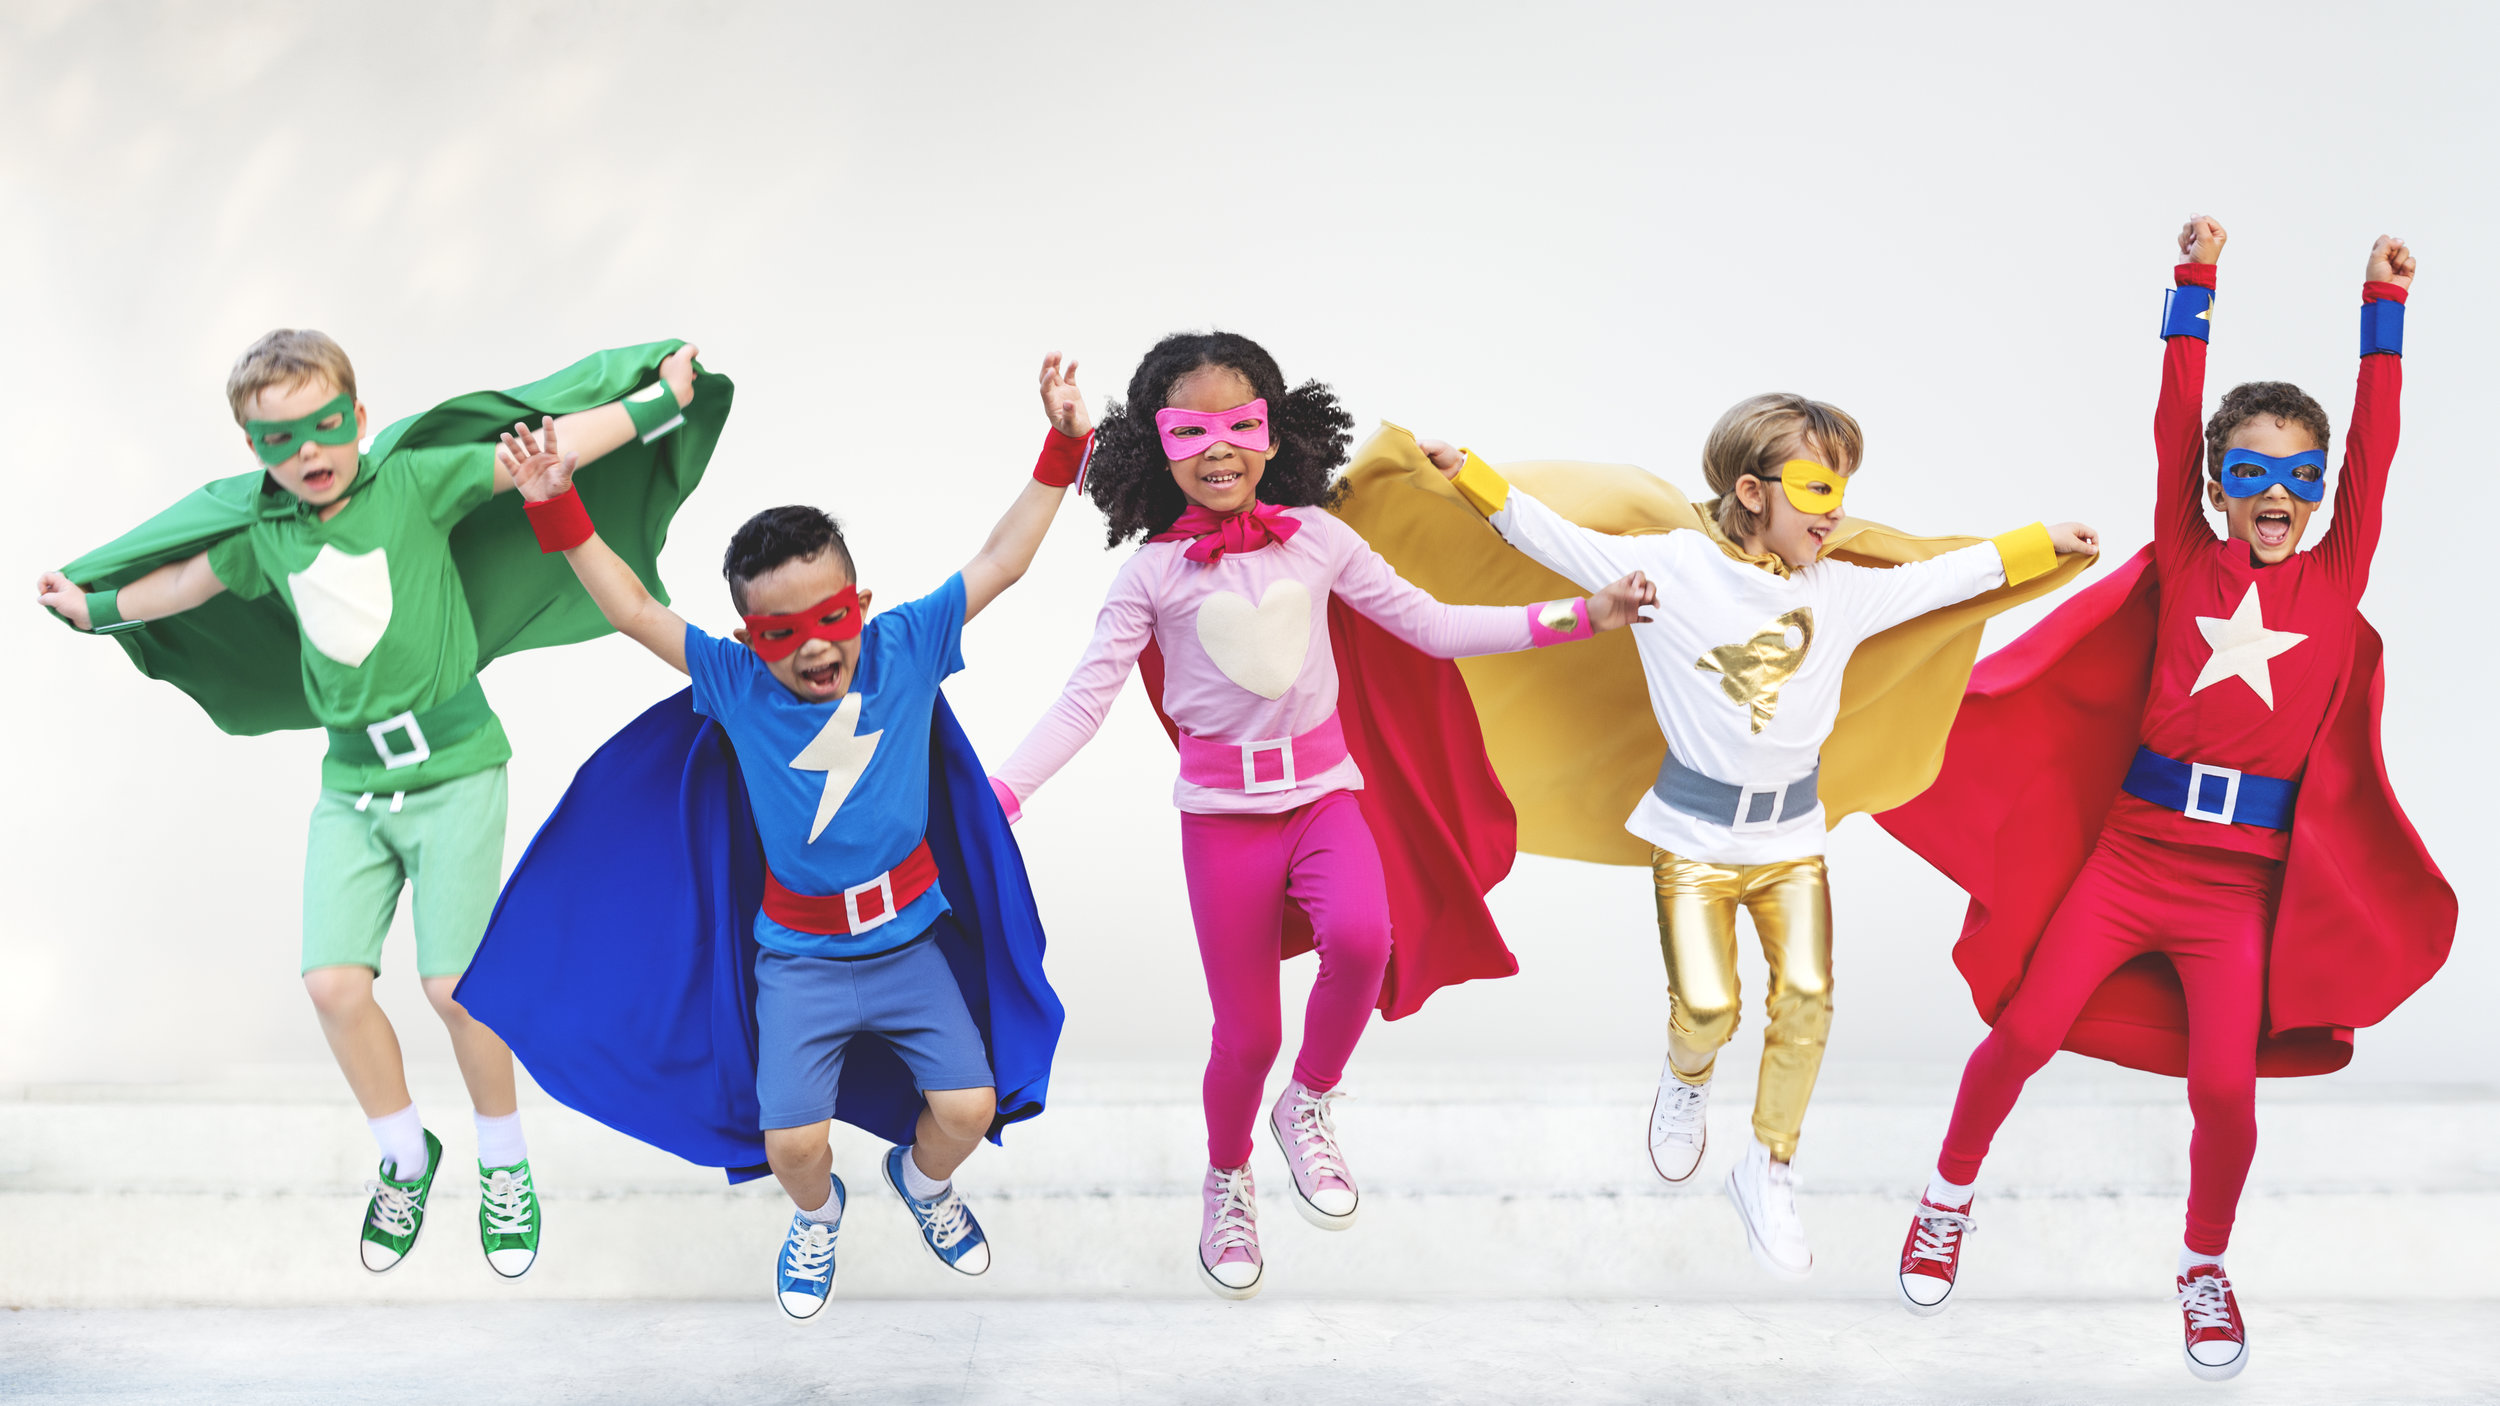 Virtual School Kids Fun